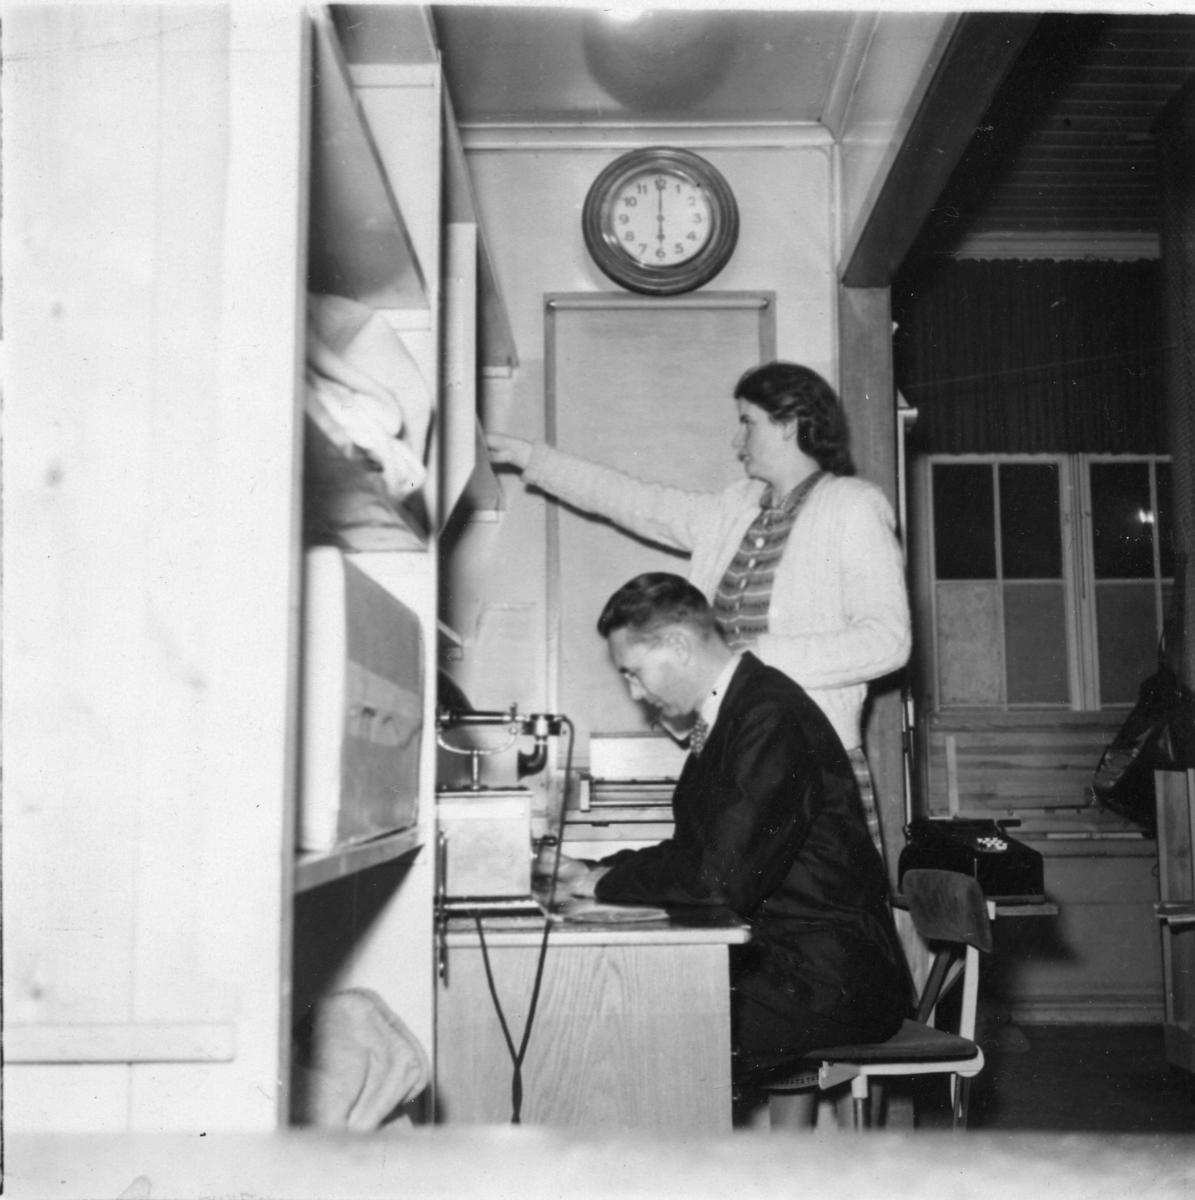 Poststationen i Habo, Västergötland. Sista dagen i den gamla lokalen den 3 november 1949. Stationsmästare Bergmer och postbiträdet Mary Fogelström.